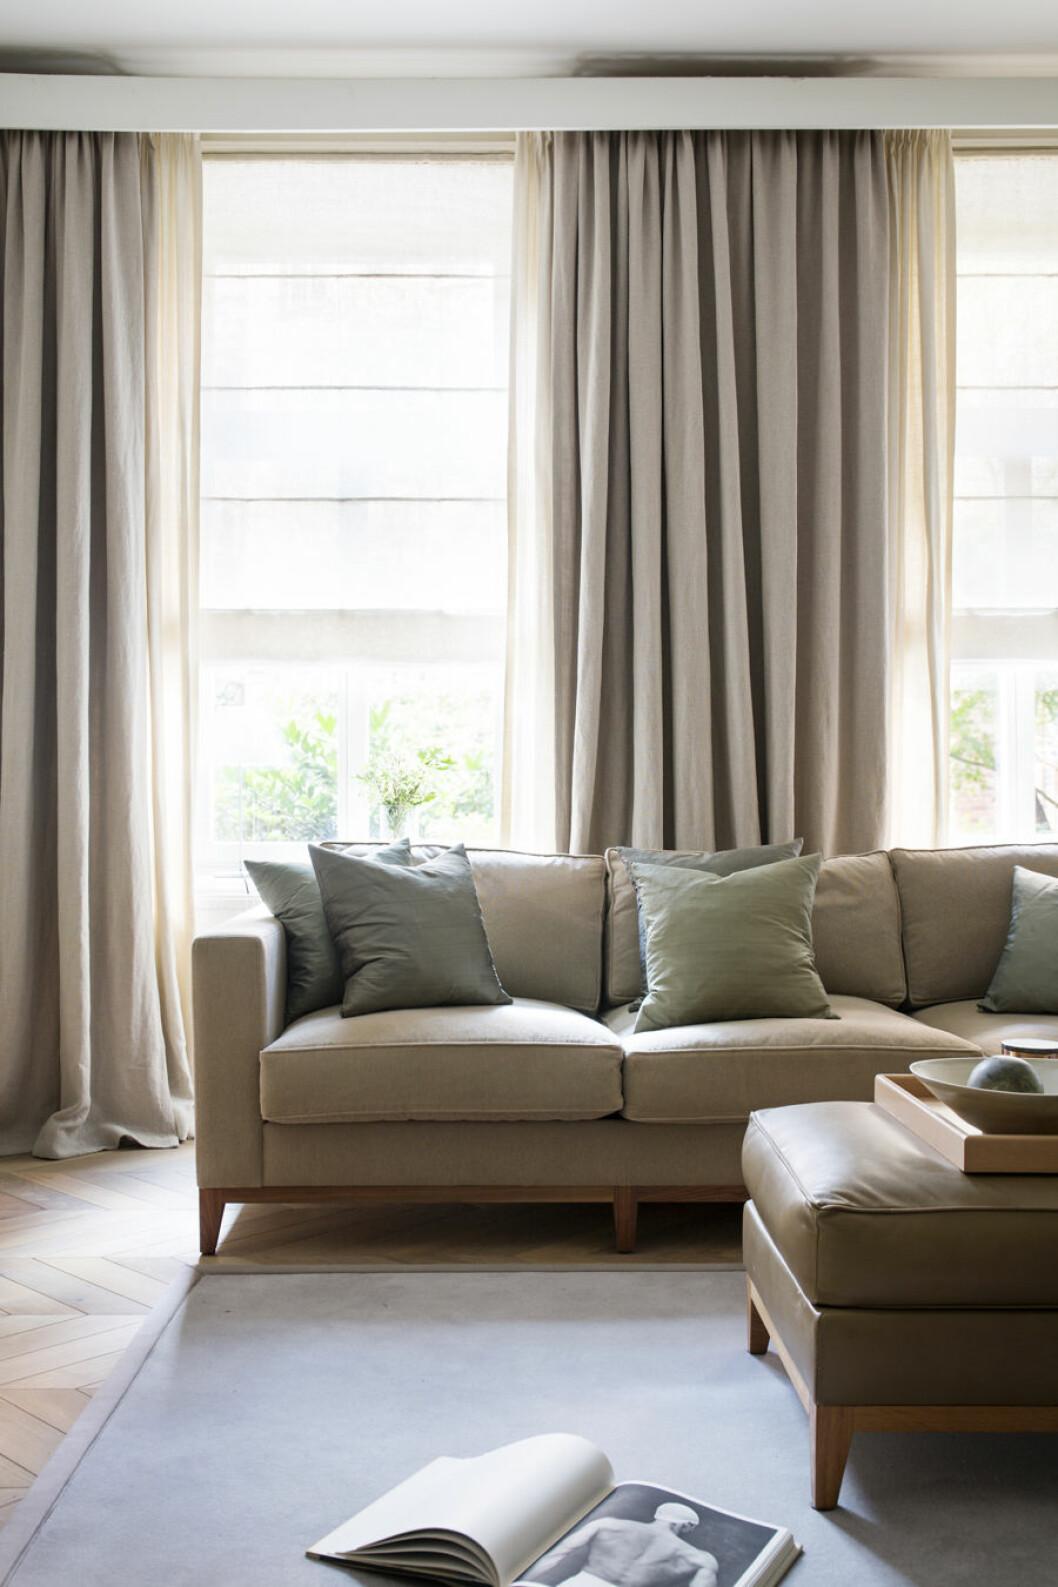 Beiga gardiner och soffa